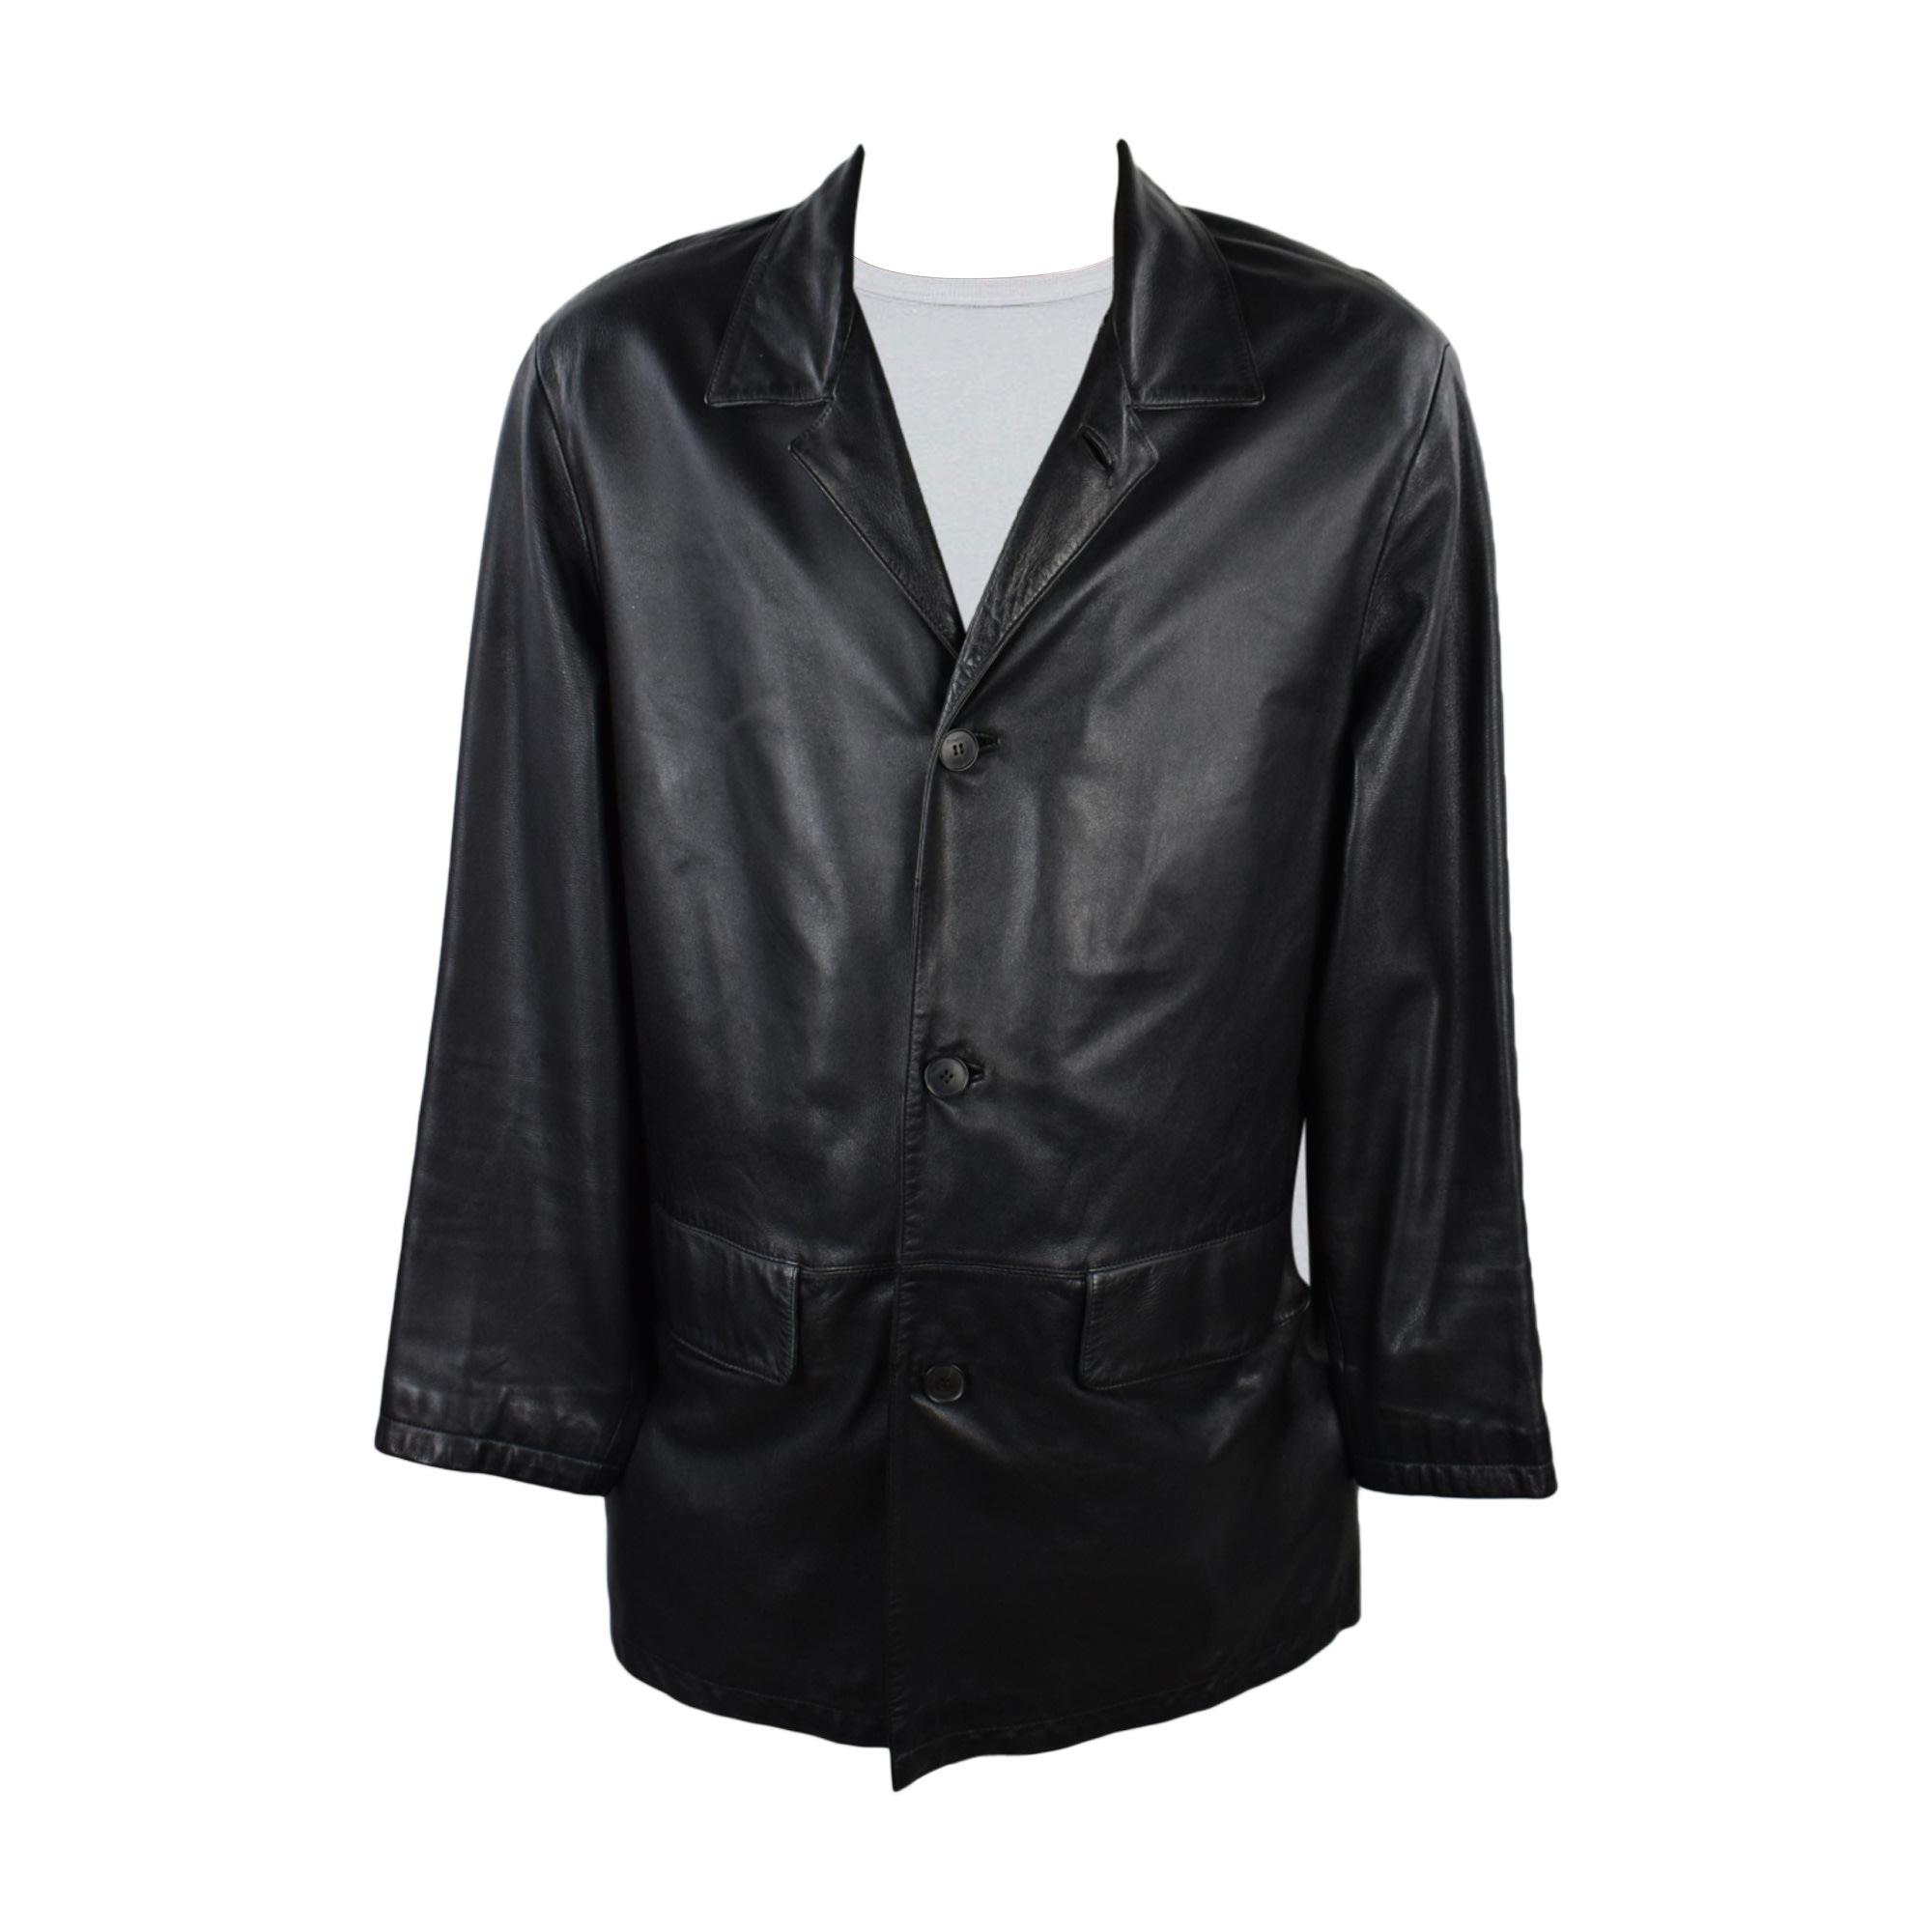 Manteau en cuir KARL LAGERFELD Noir